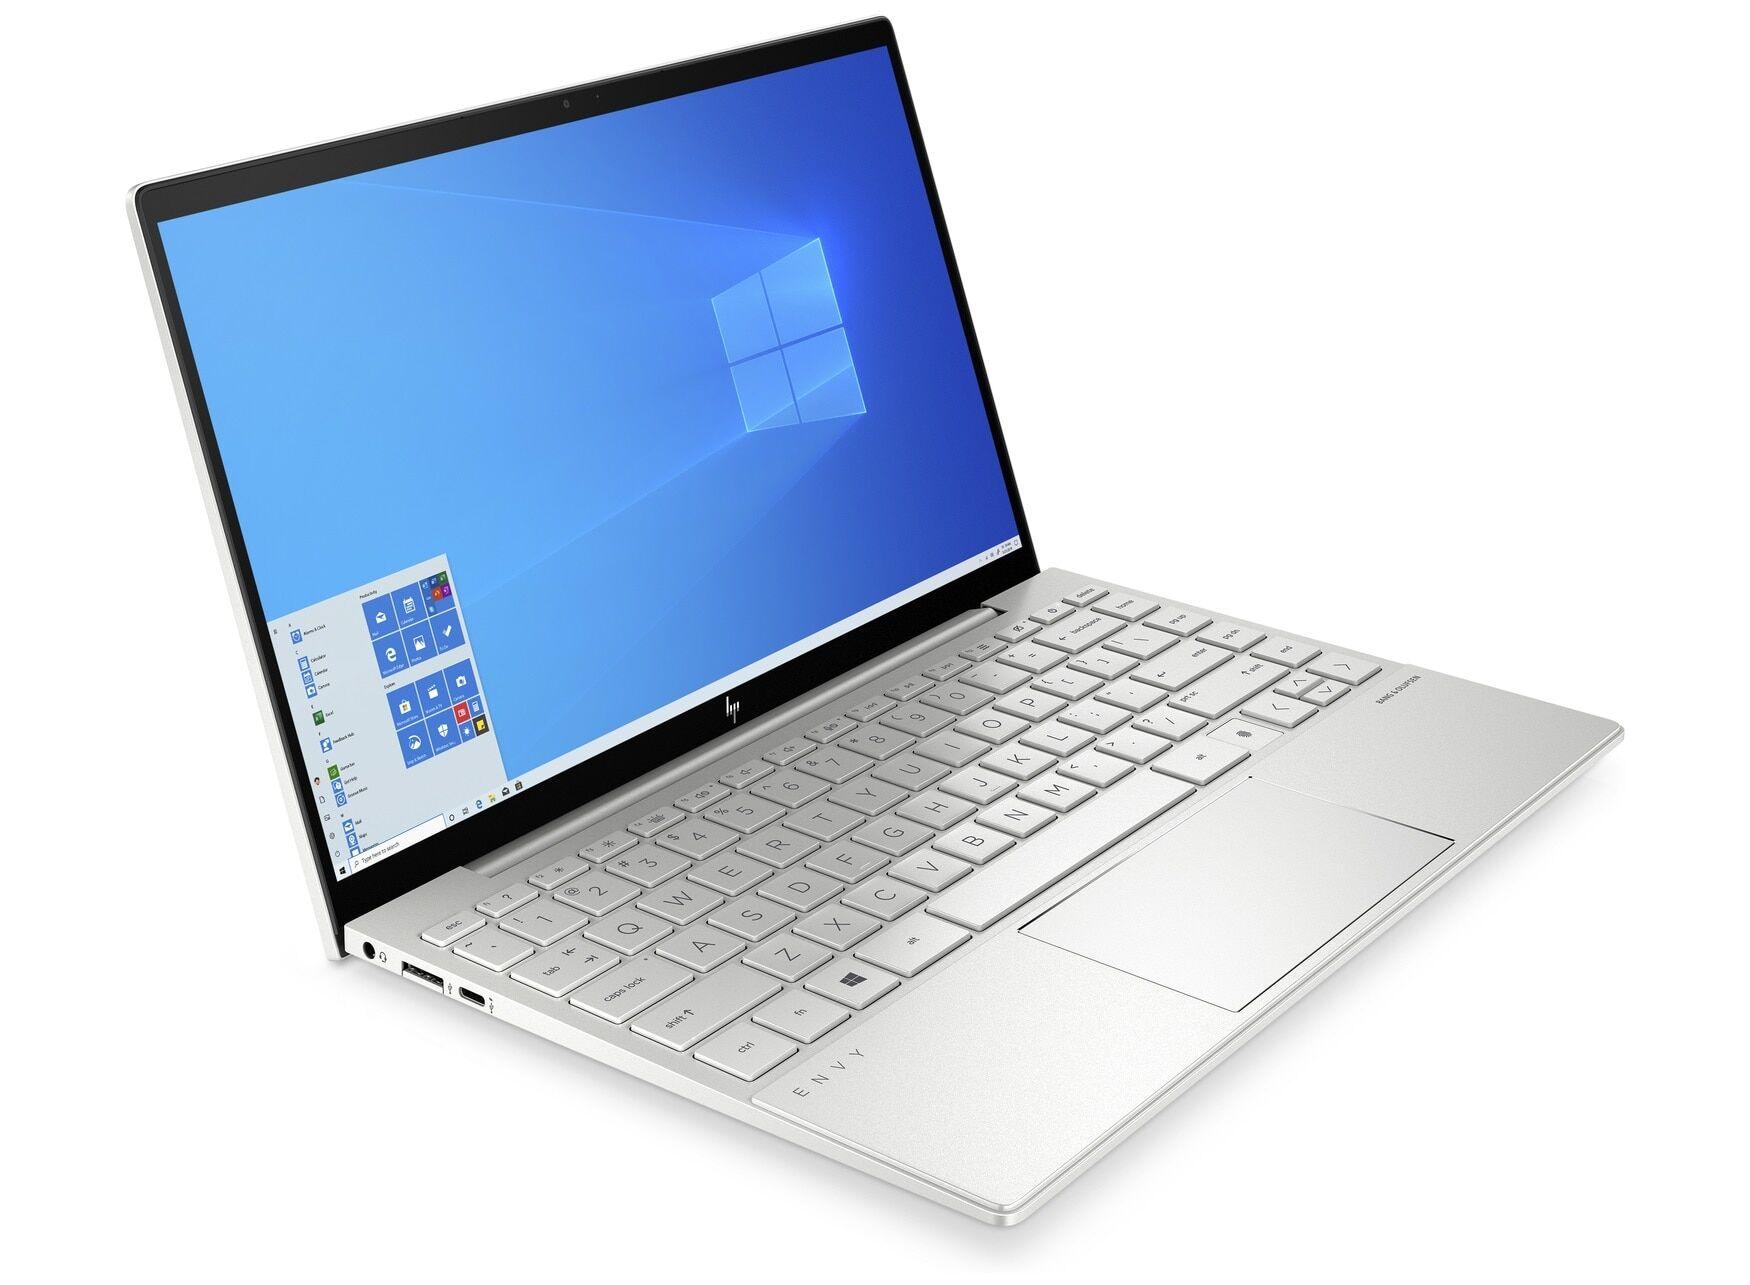 HP ENVY 13-ba1024nl Notebook con Filtro Privacy HP Sure View